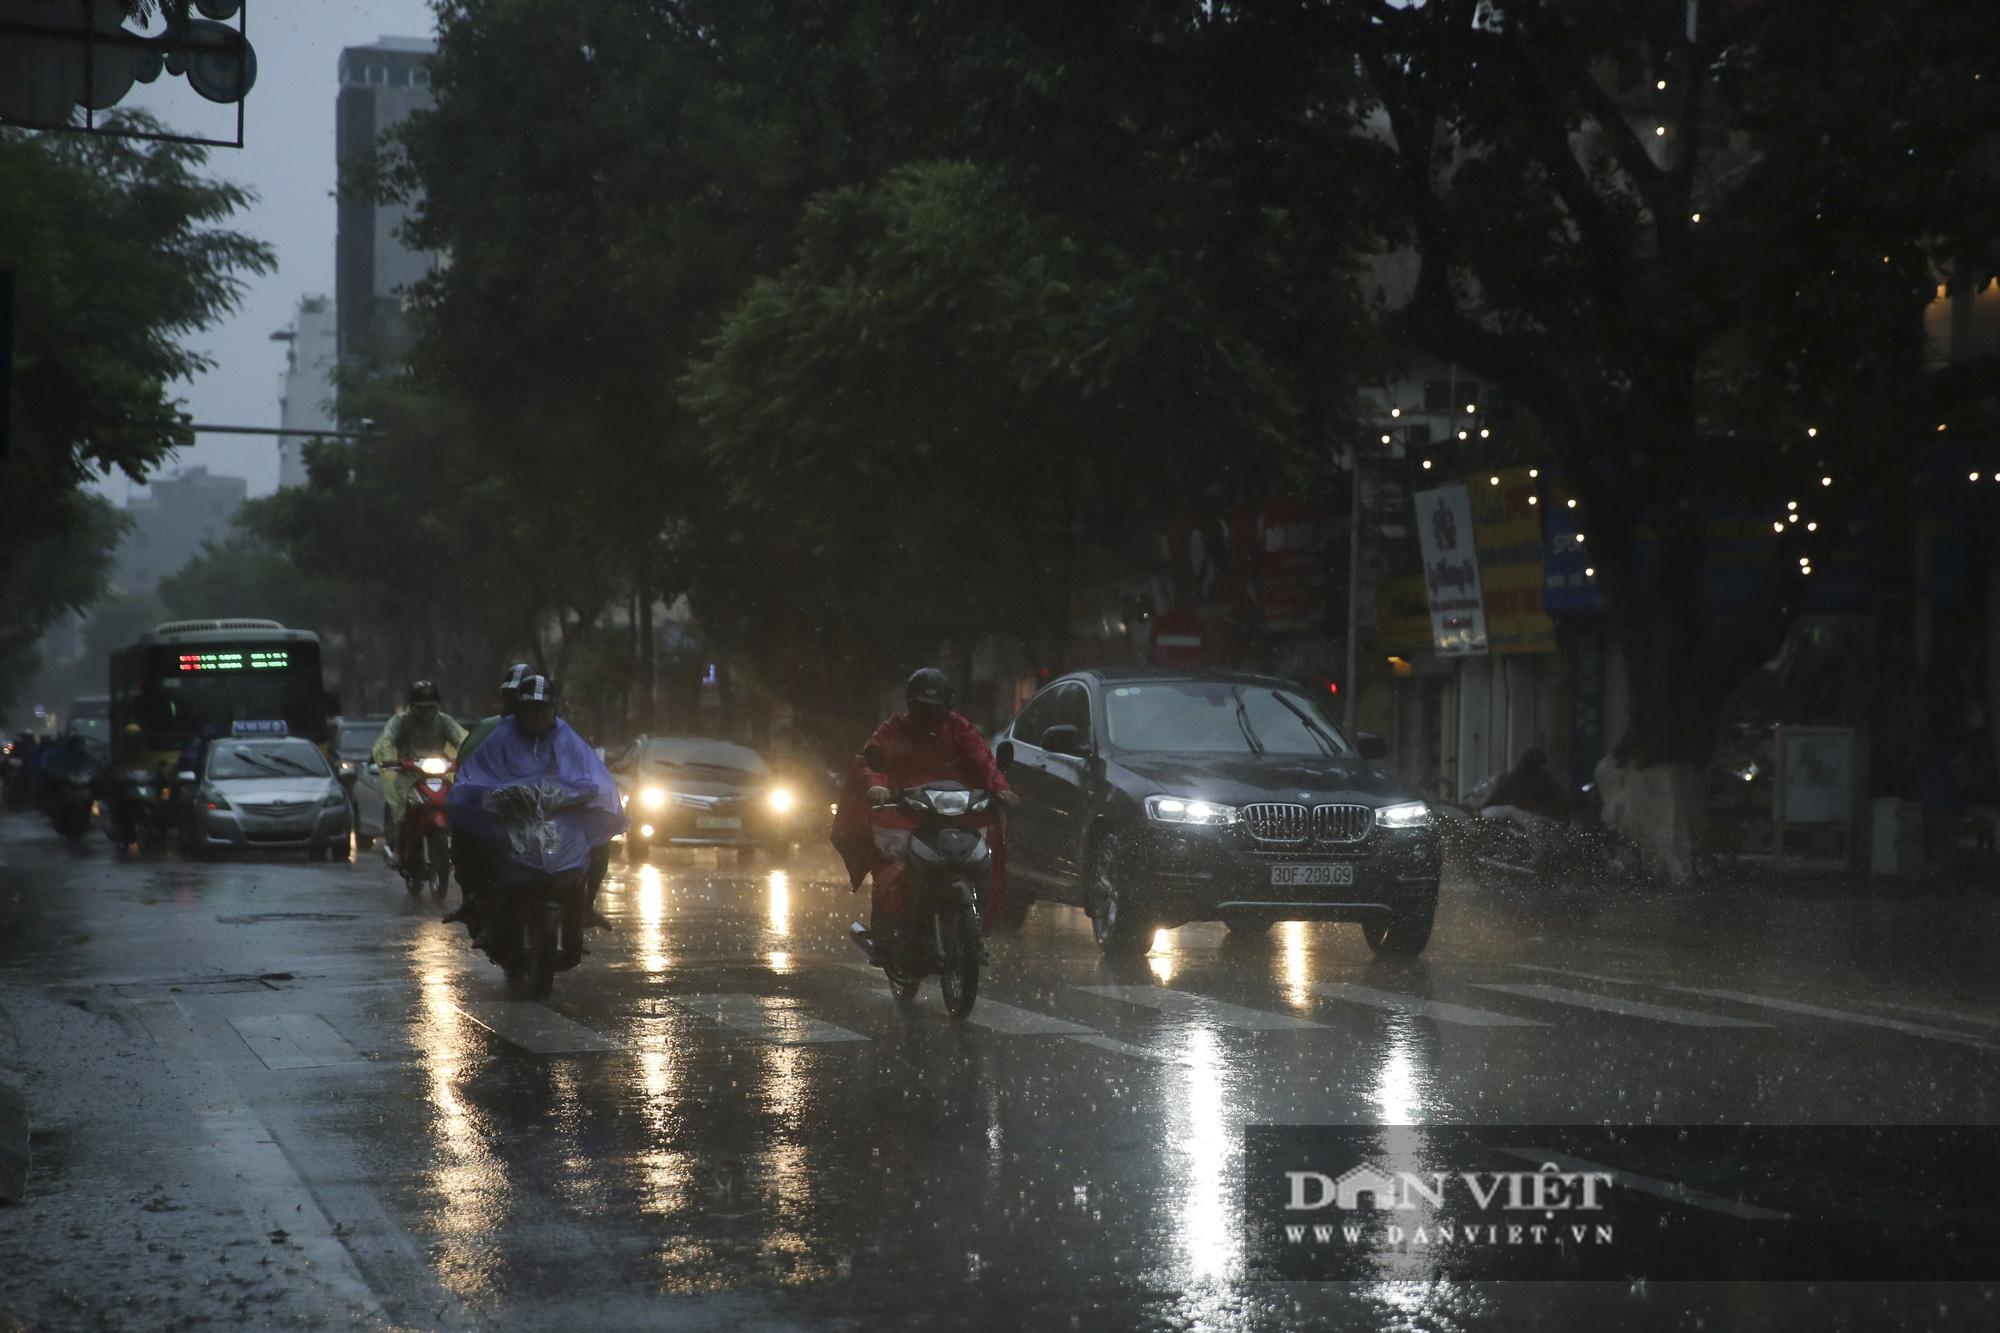 Sau bão số 2, Hà Nội mưa cả ngày khiến mực nước sông Tô Lịch bất ngờ dâng cao - Ảnh 12.